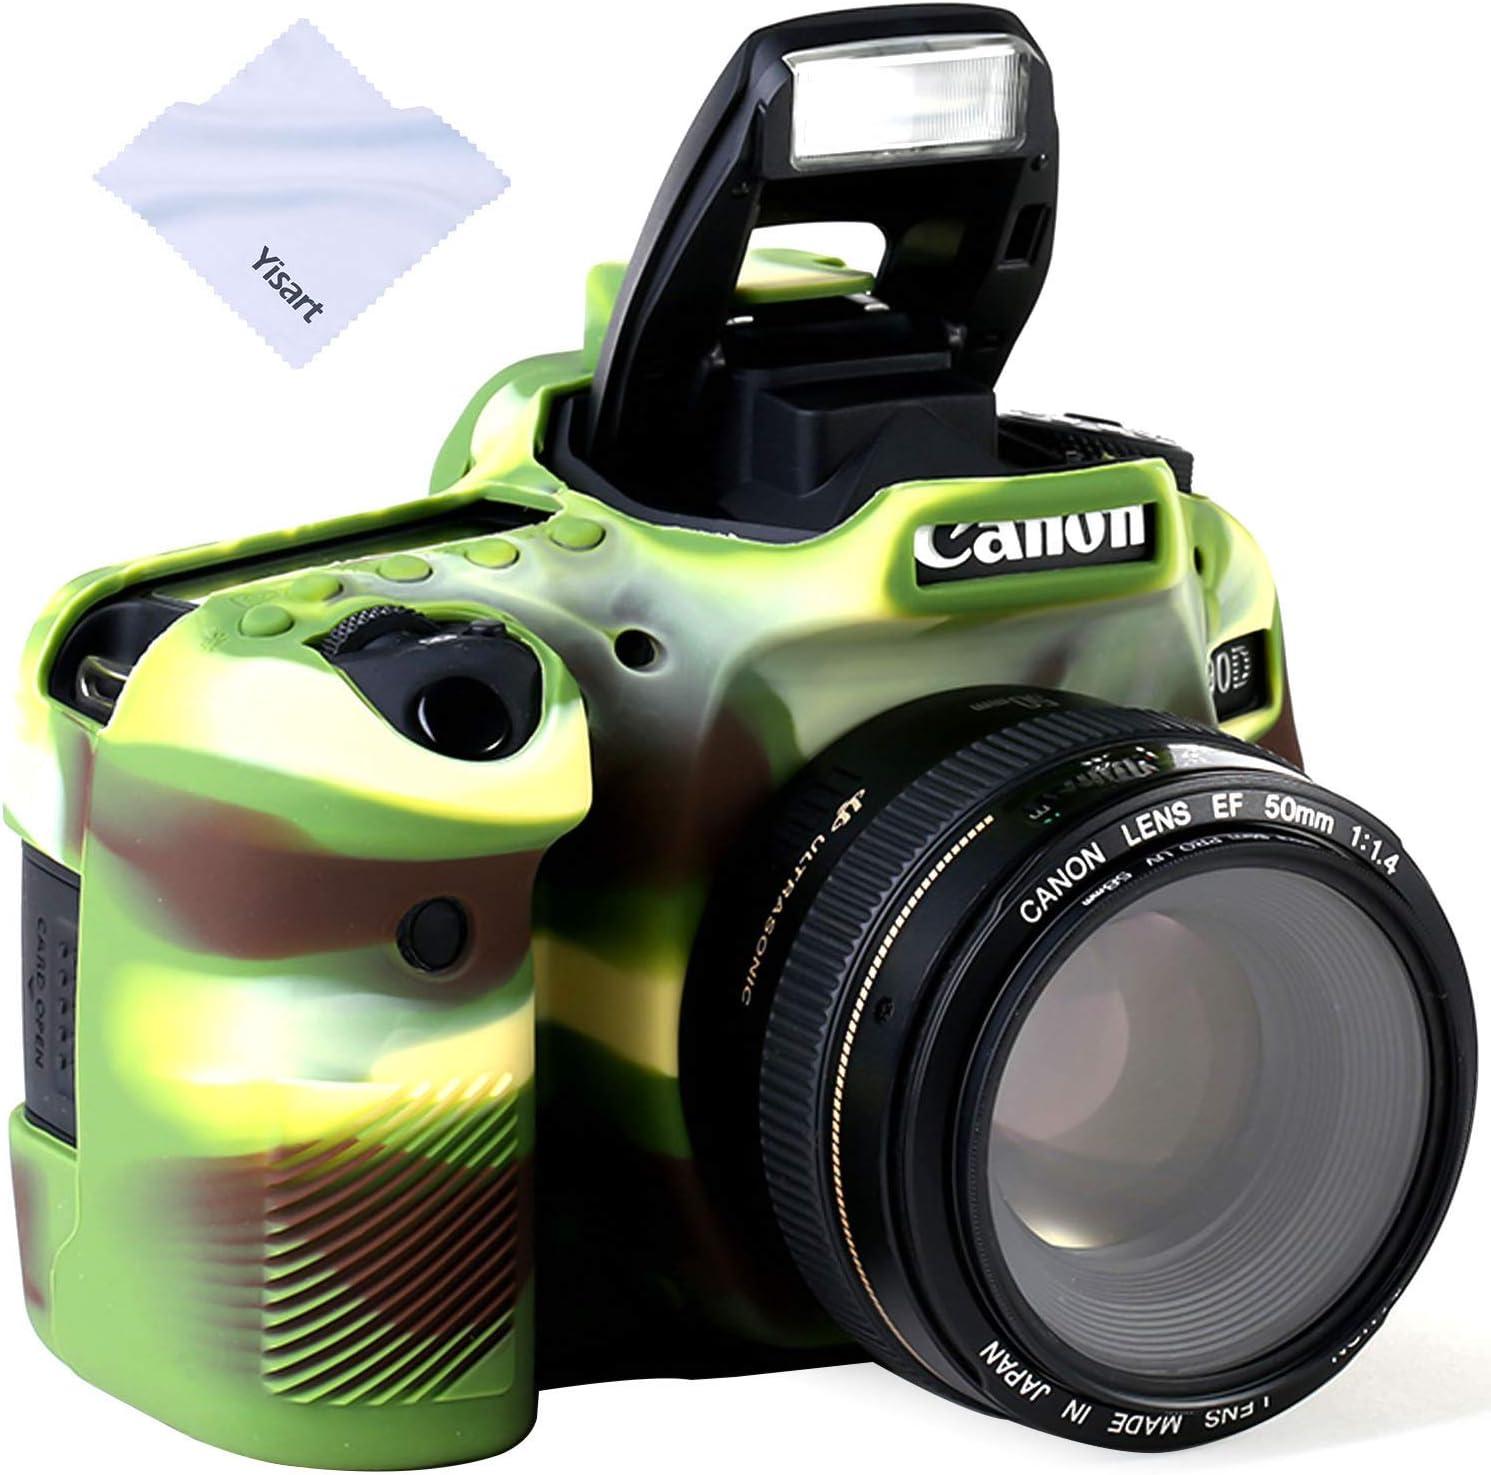 Yisau 90D Camera Case Professional Silicone Camera Case for Canon EOS 90D Camera Canon Rebel EOS 90D Camera Beautiful Companion (ArmyGreen)